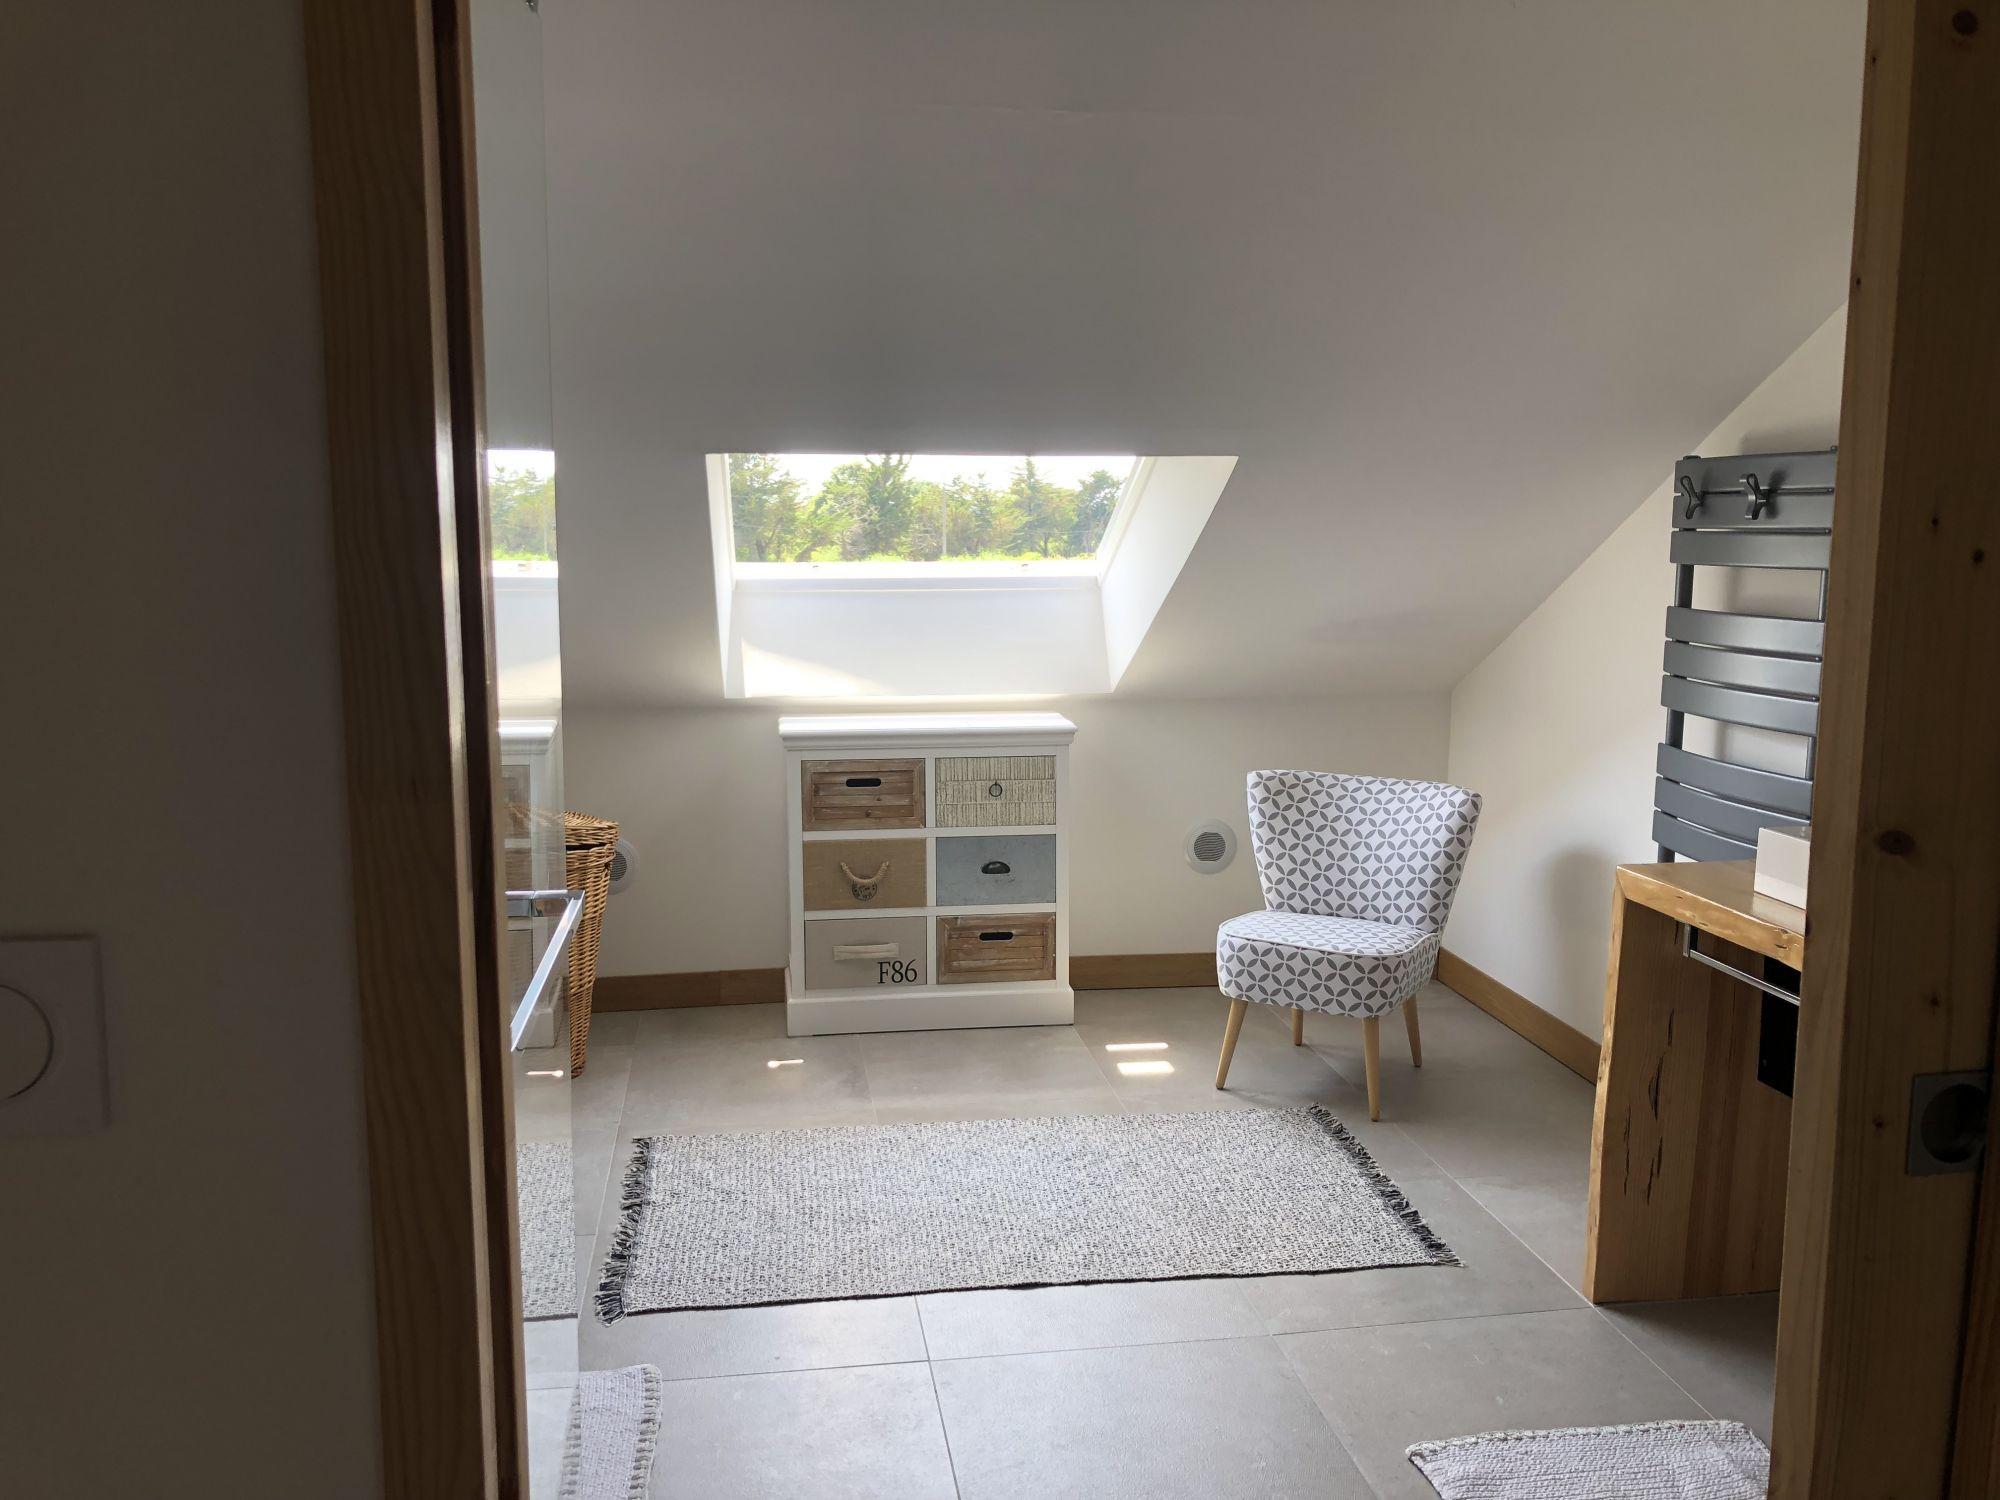 location-espace-evenementiel-domaine-d-ares-arcachon-cap-ferret-10